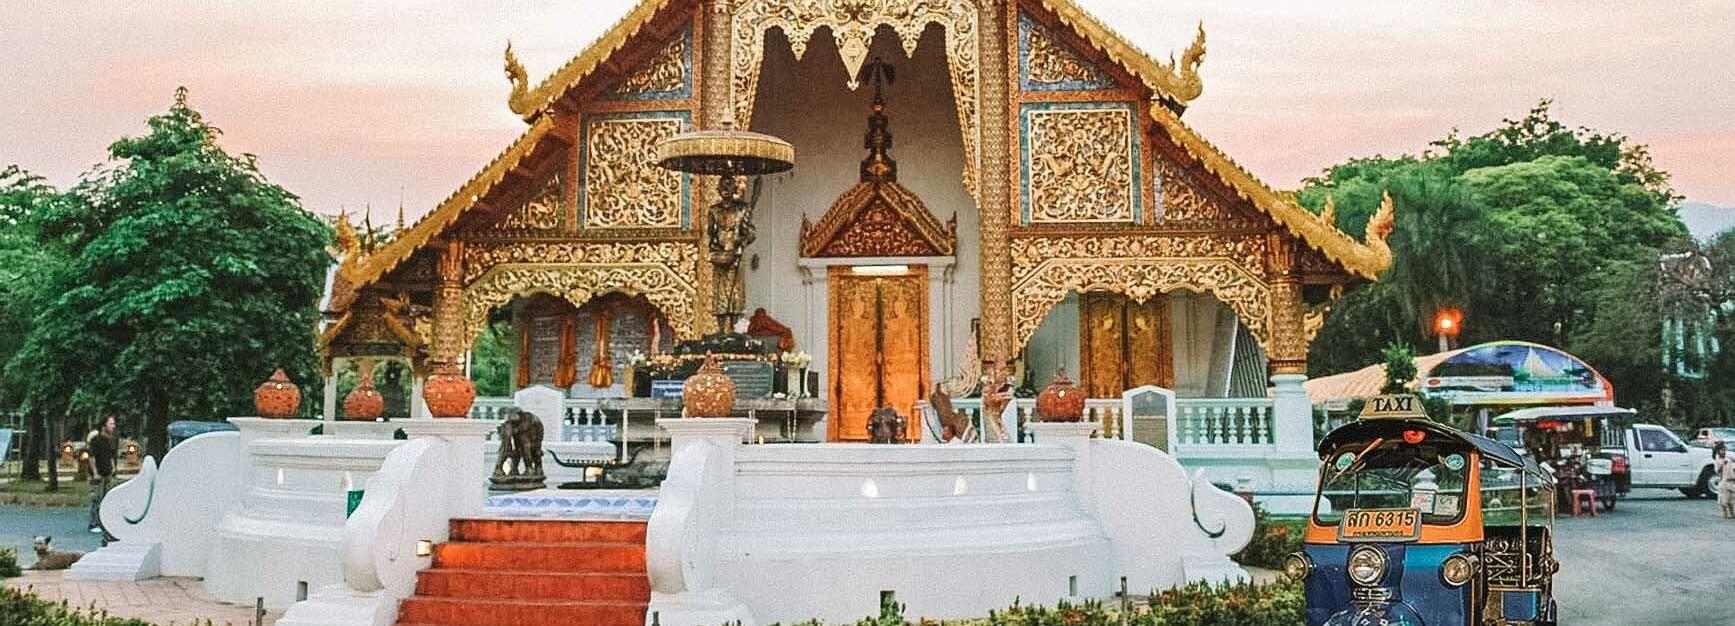 Chiang Mai: tour privado de Tuk Tuk por los templos de la ciudad con recogida